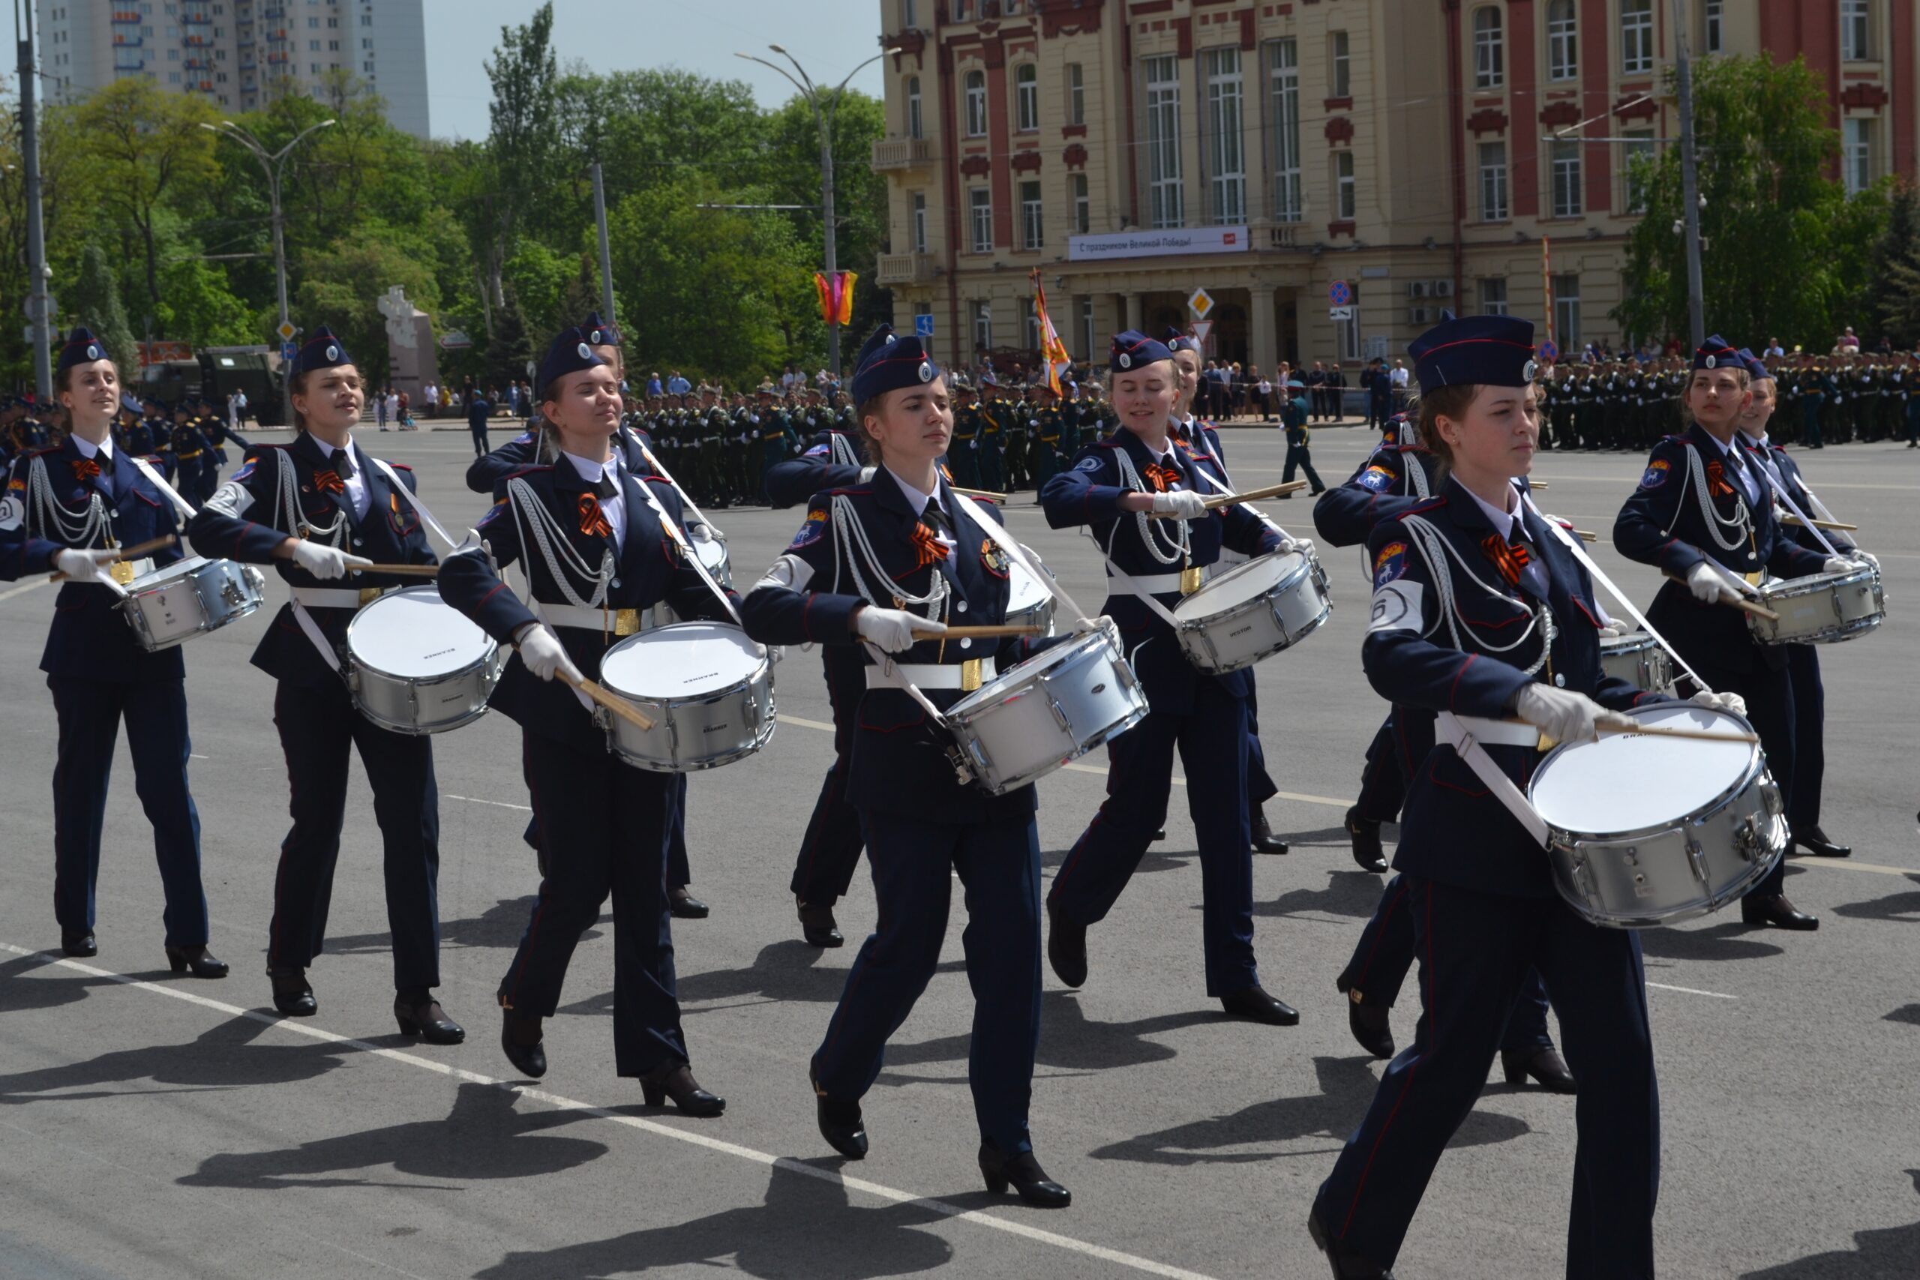 Сводная рота барабанщиц  Белокалитвинского Матвея Платова казачьего кадетского корпуса открыла парад в честь Дня Победы в  Ростове